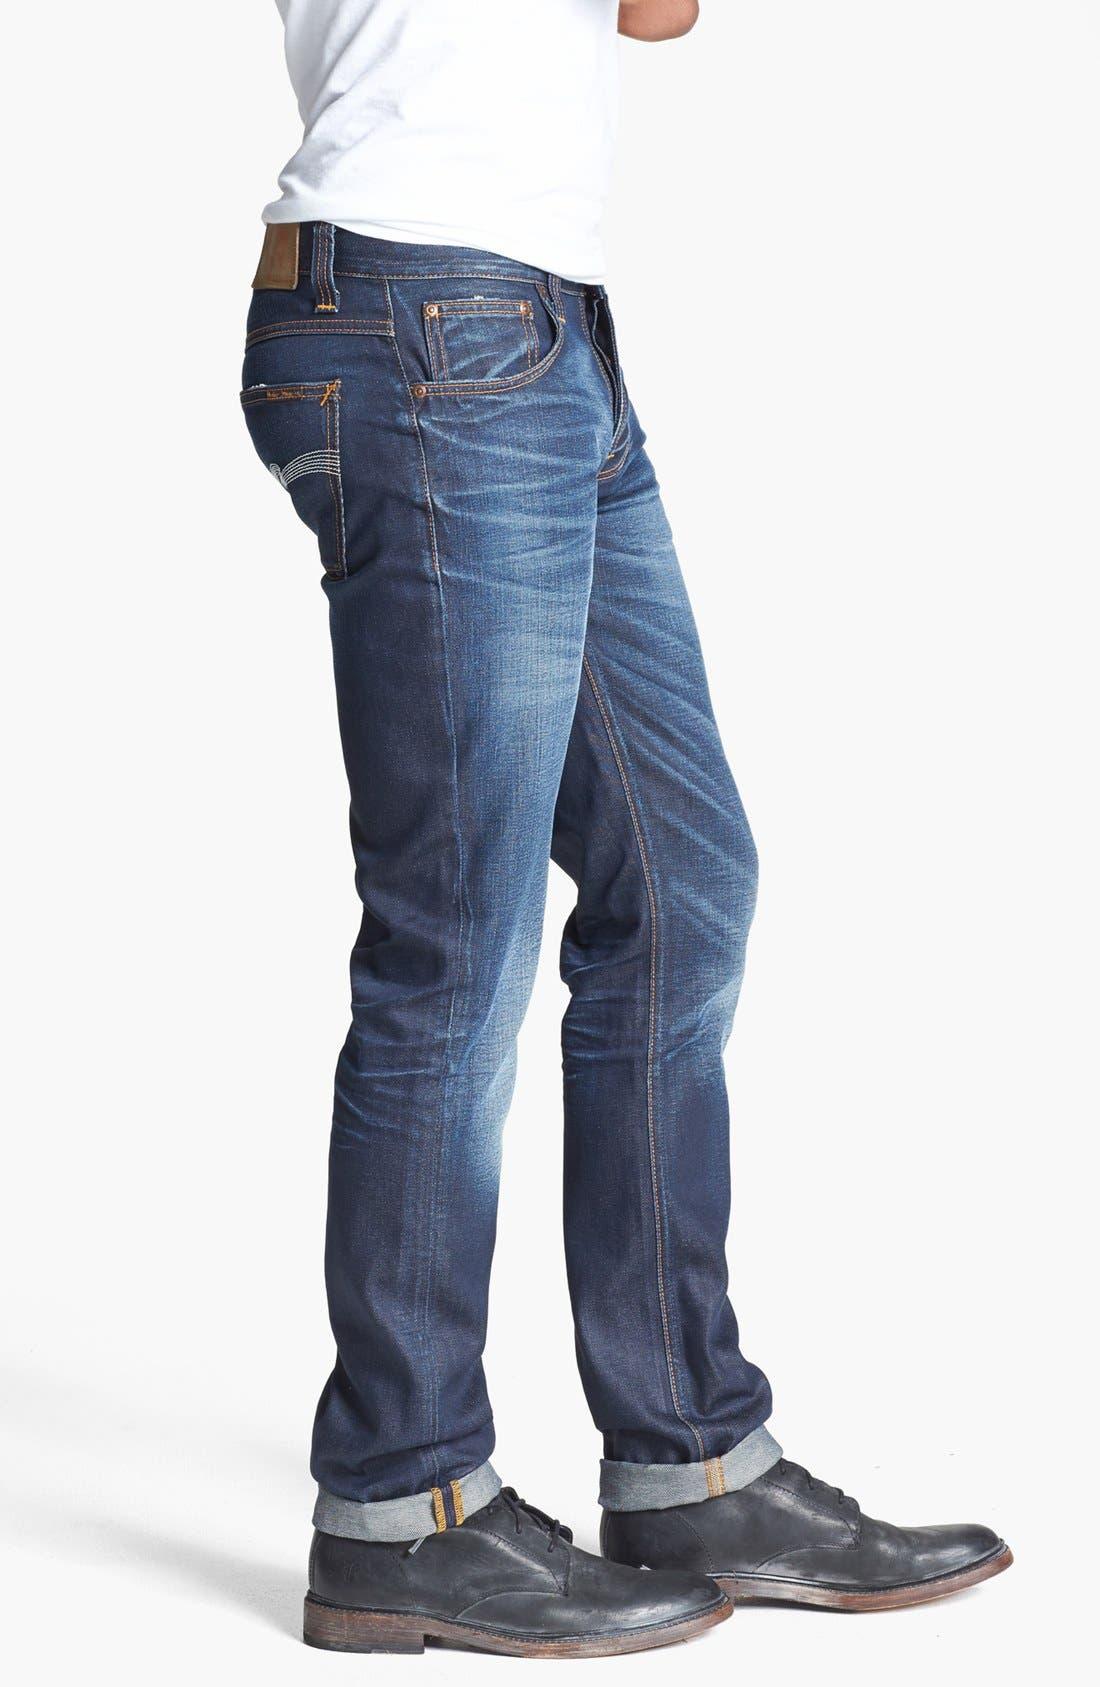 Alternate Image 3  - Nudie Jeans 'Grim Tim' Skinny Fit Jeans (Organic Steely Blue)